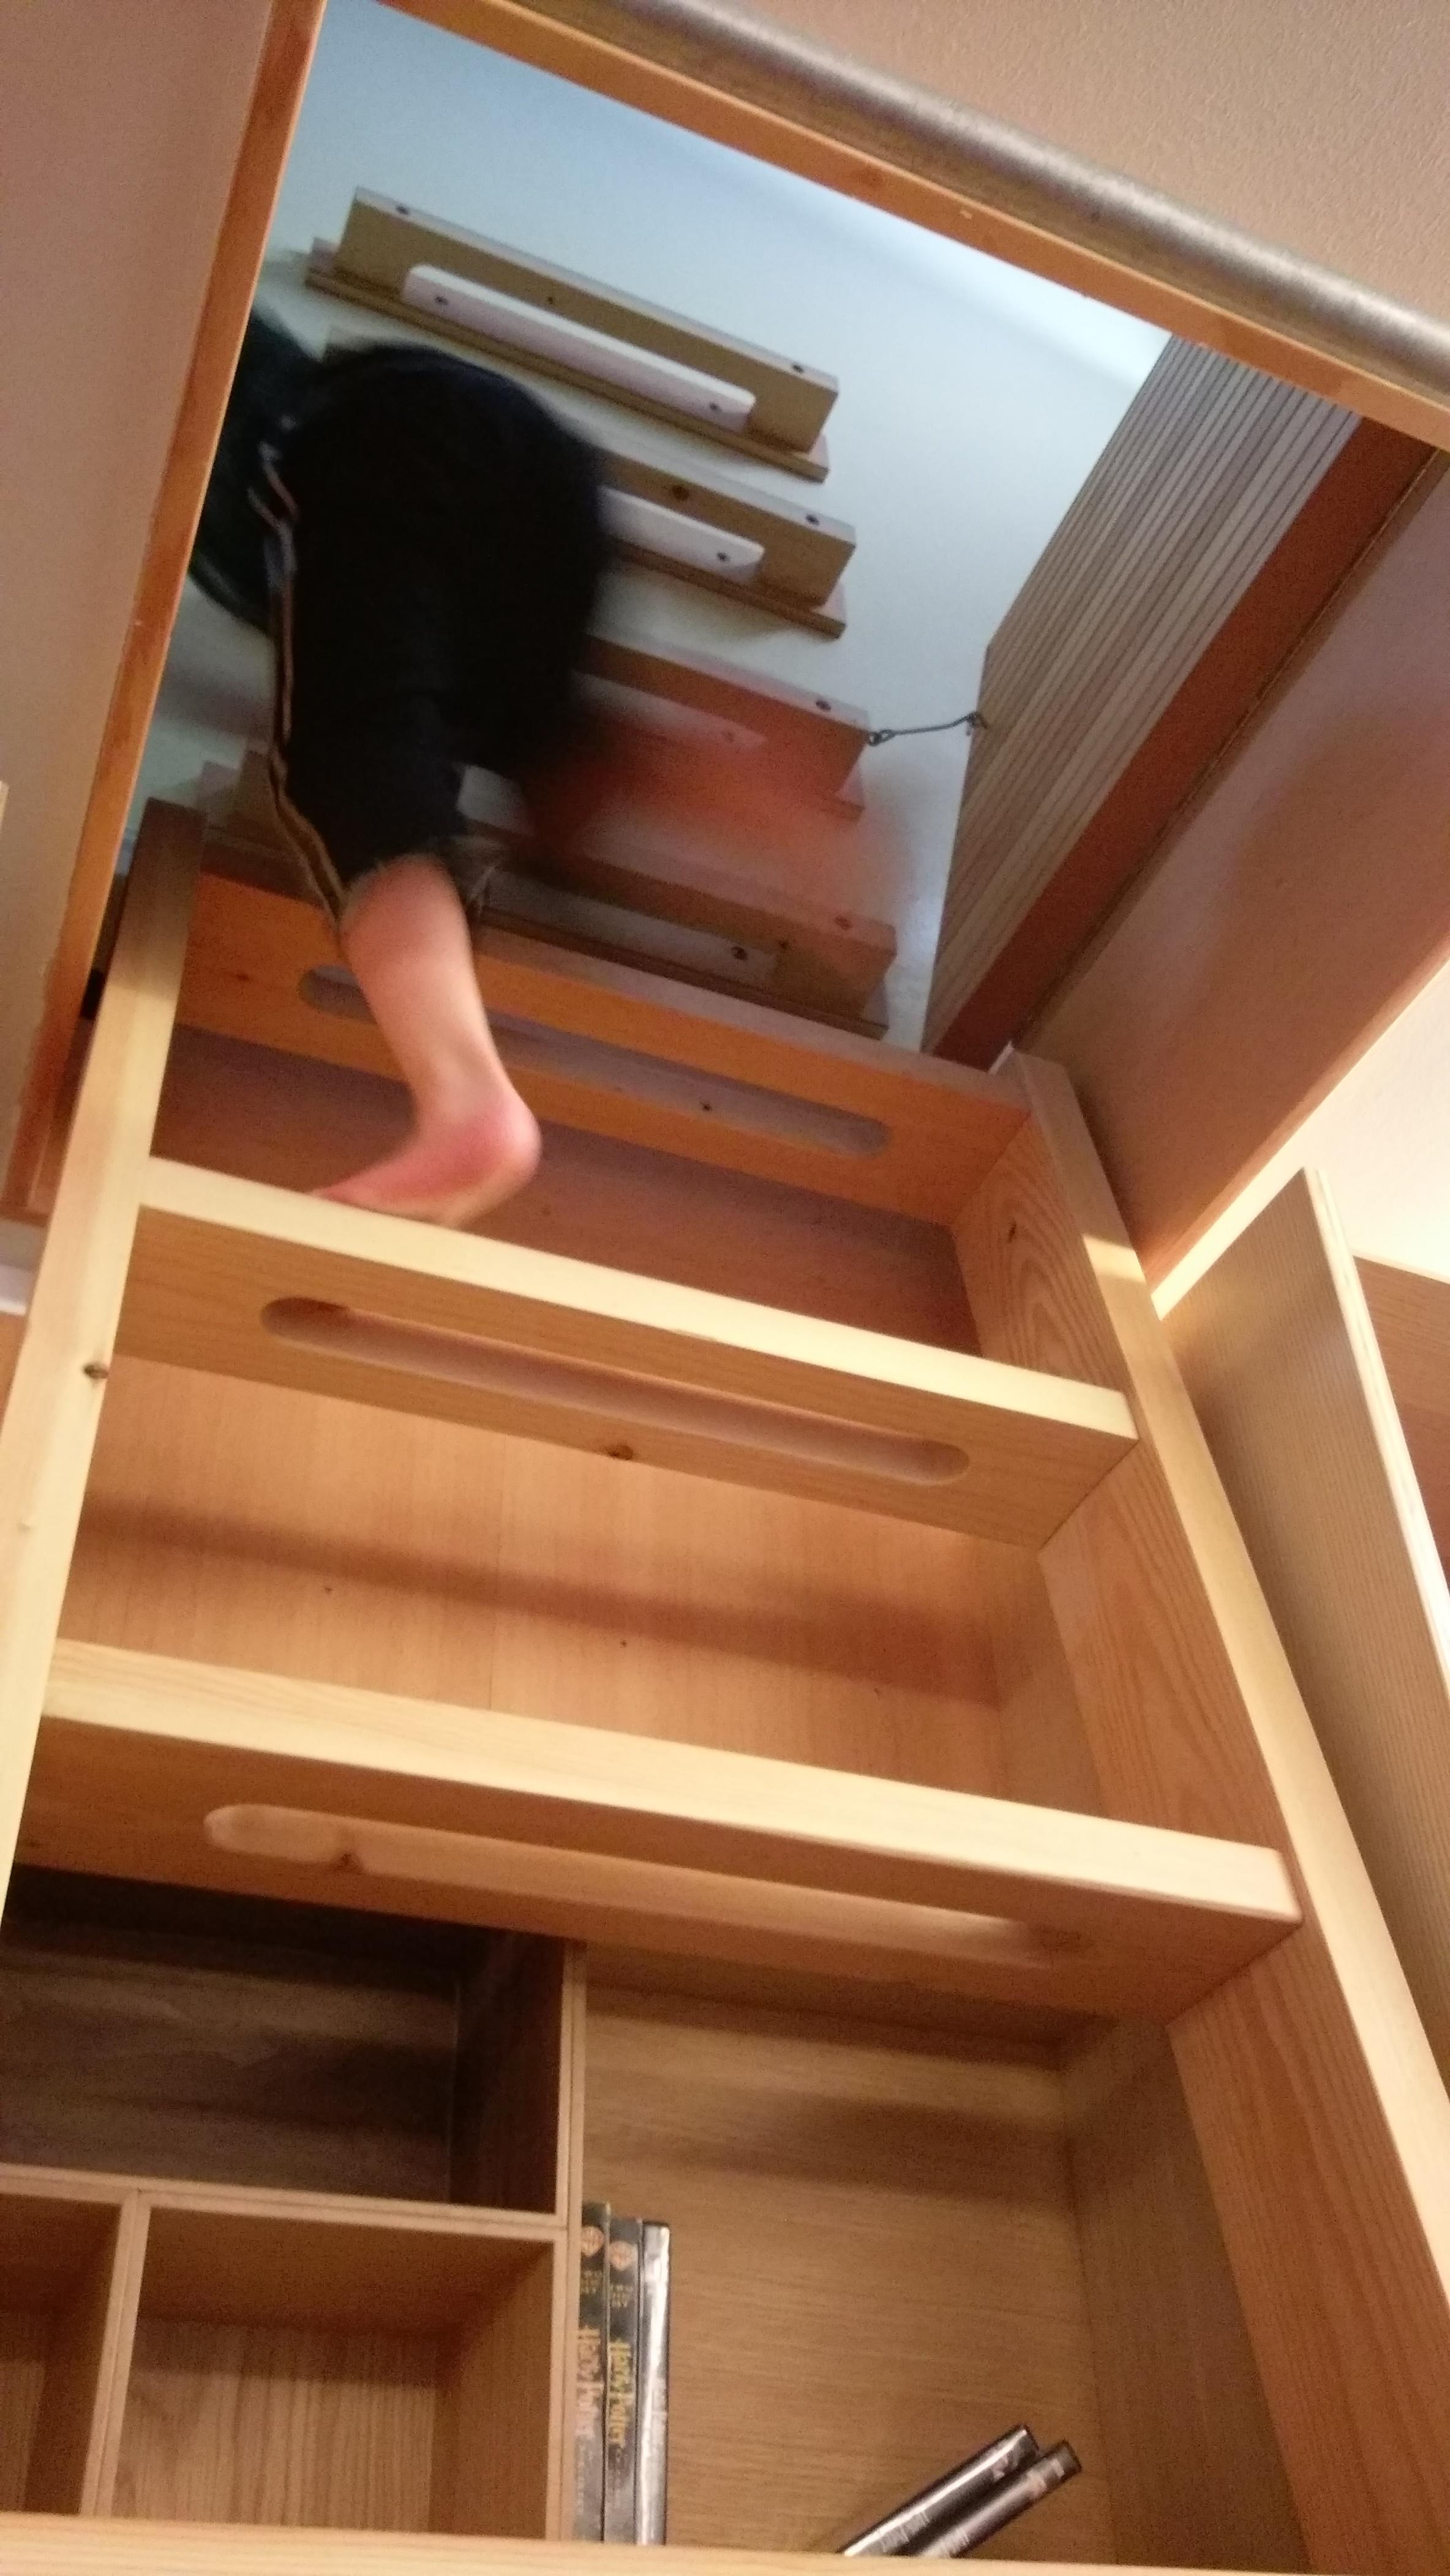 Harka Architecture_Stevens Home Remodel (25)_Ladder through floors.jpg